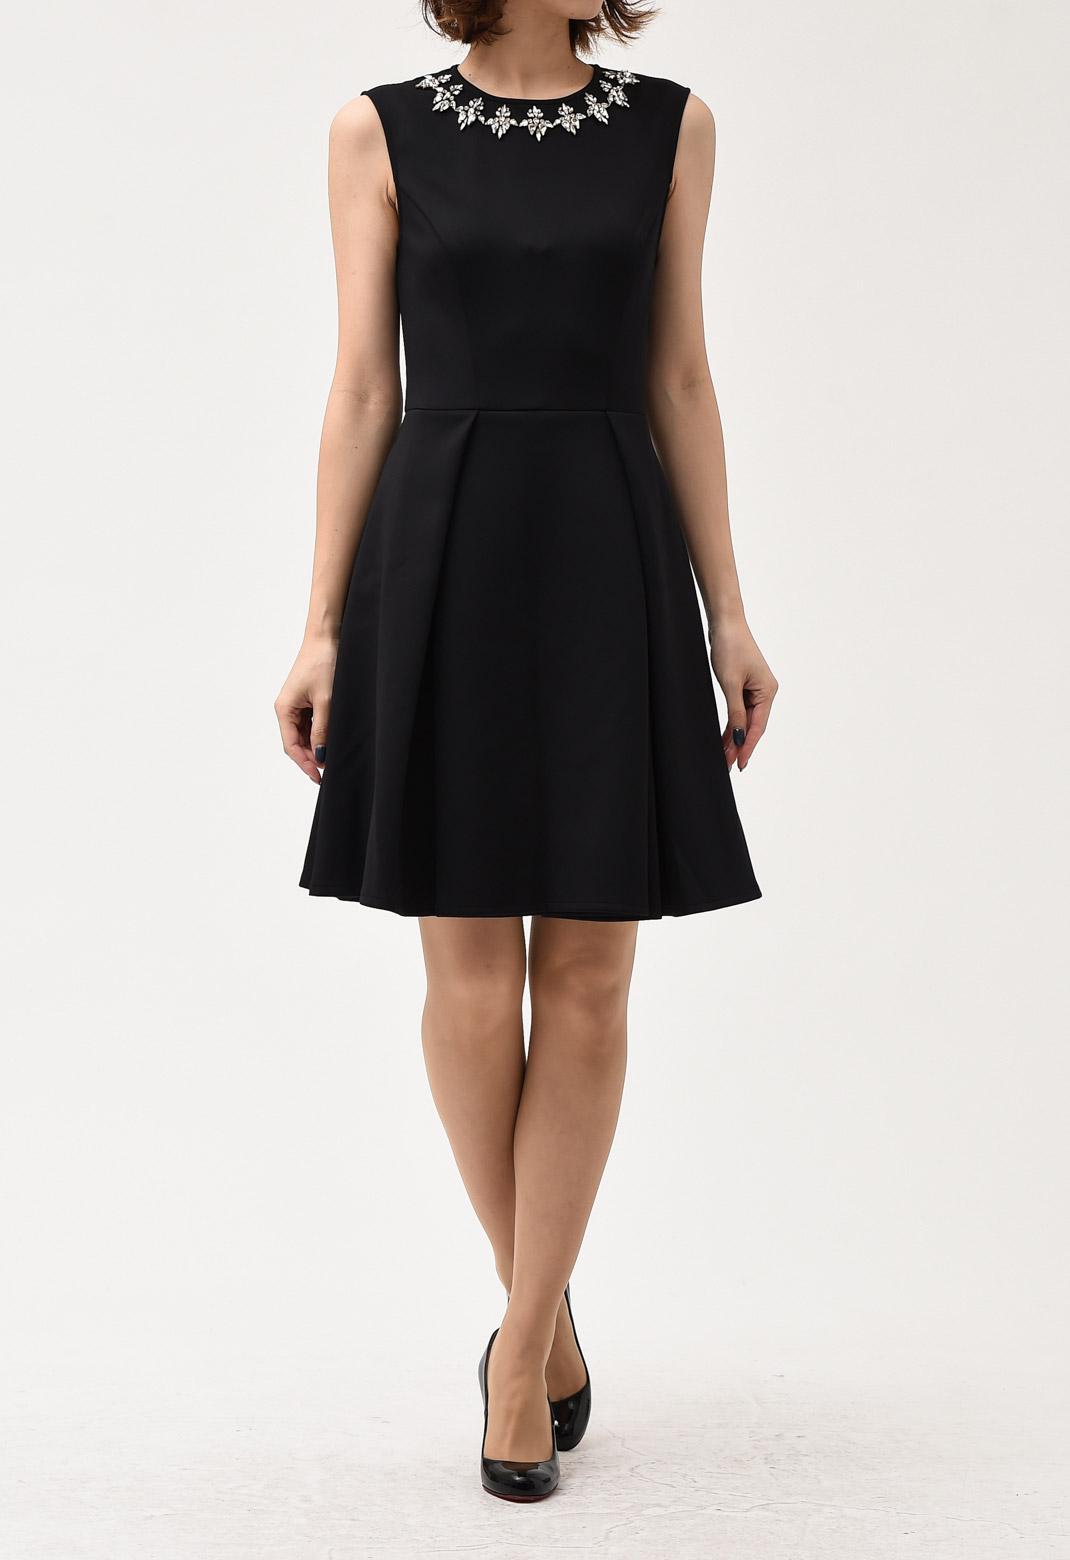 TED BAKER ビジュー飾り半袖ブラックドレス